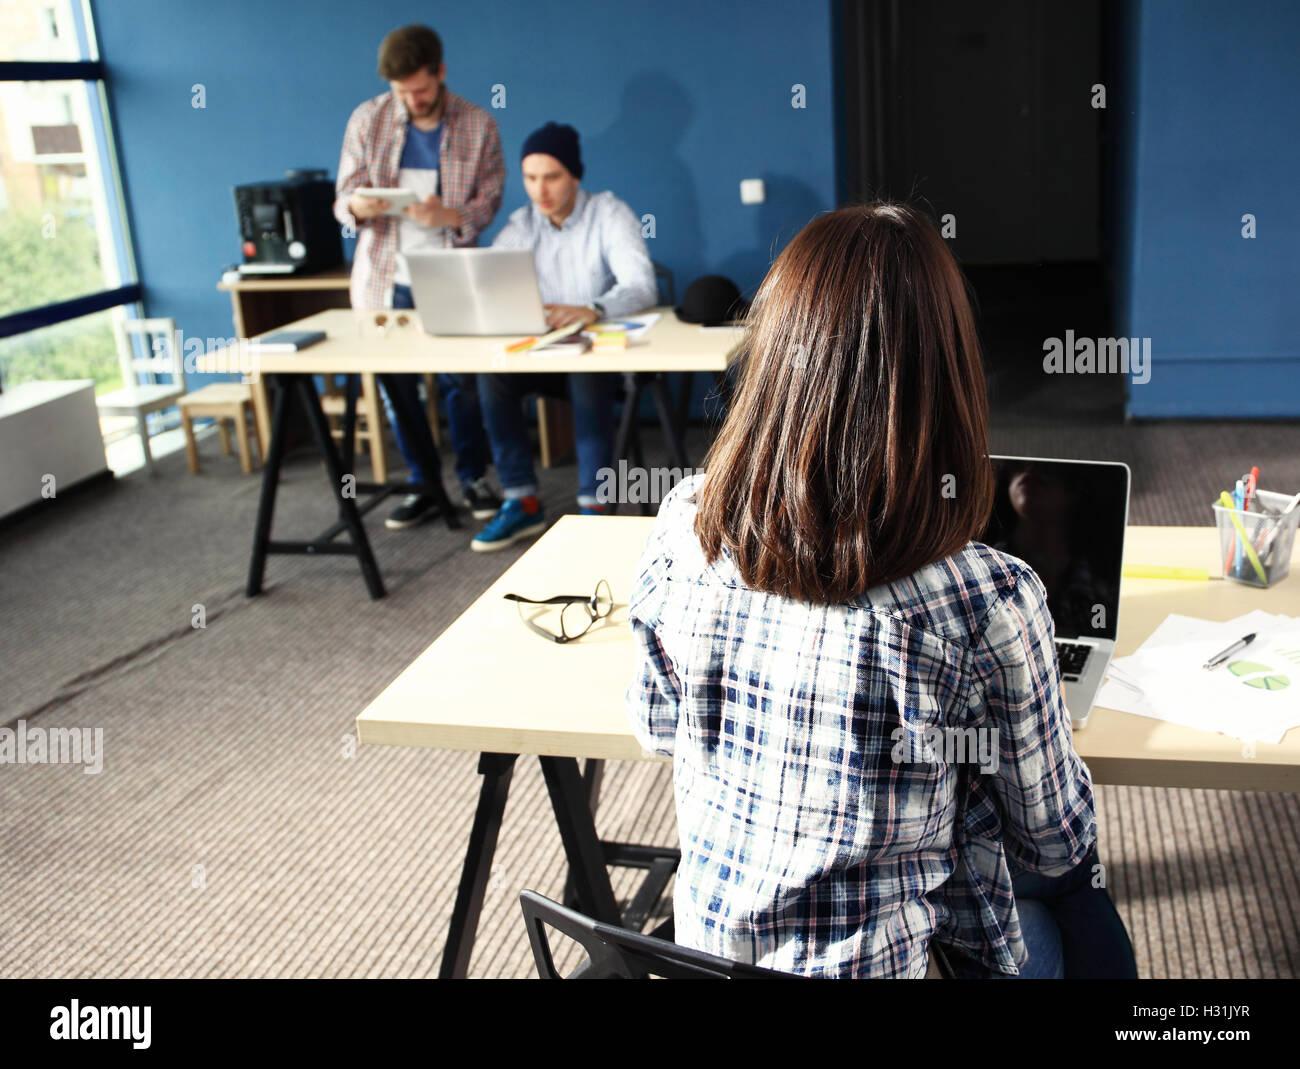 Quand l espace de travail devient porteur d une nouvelle culture d